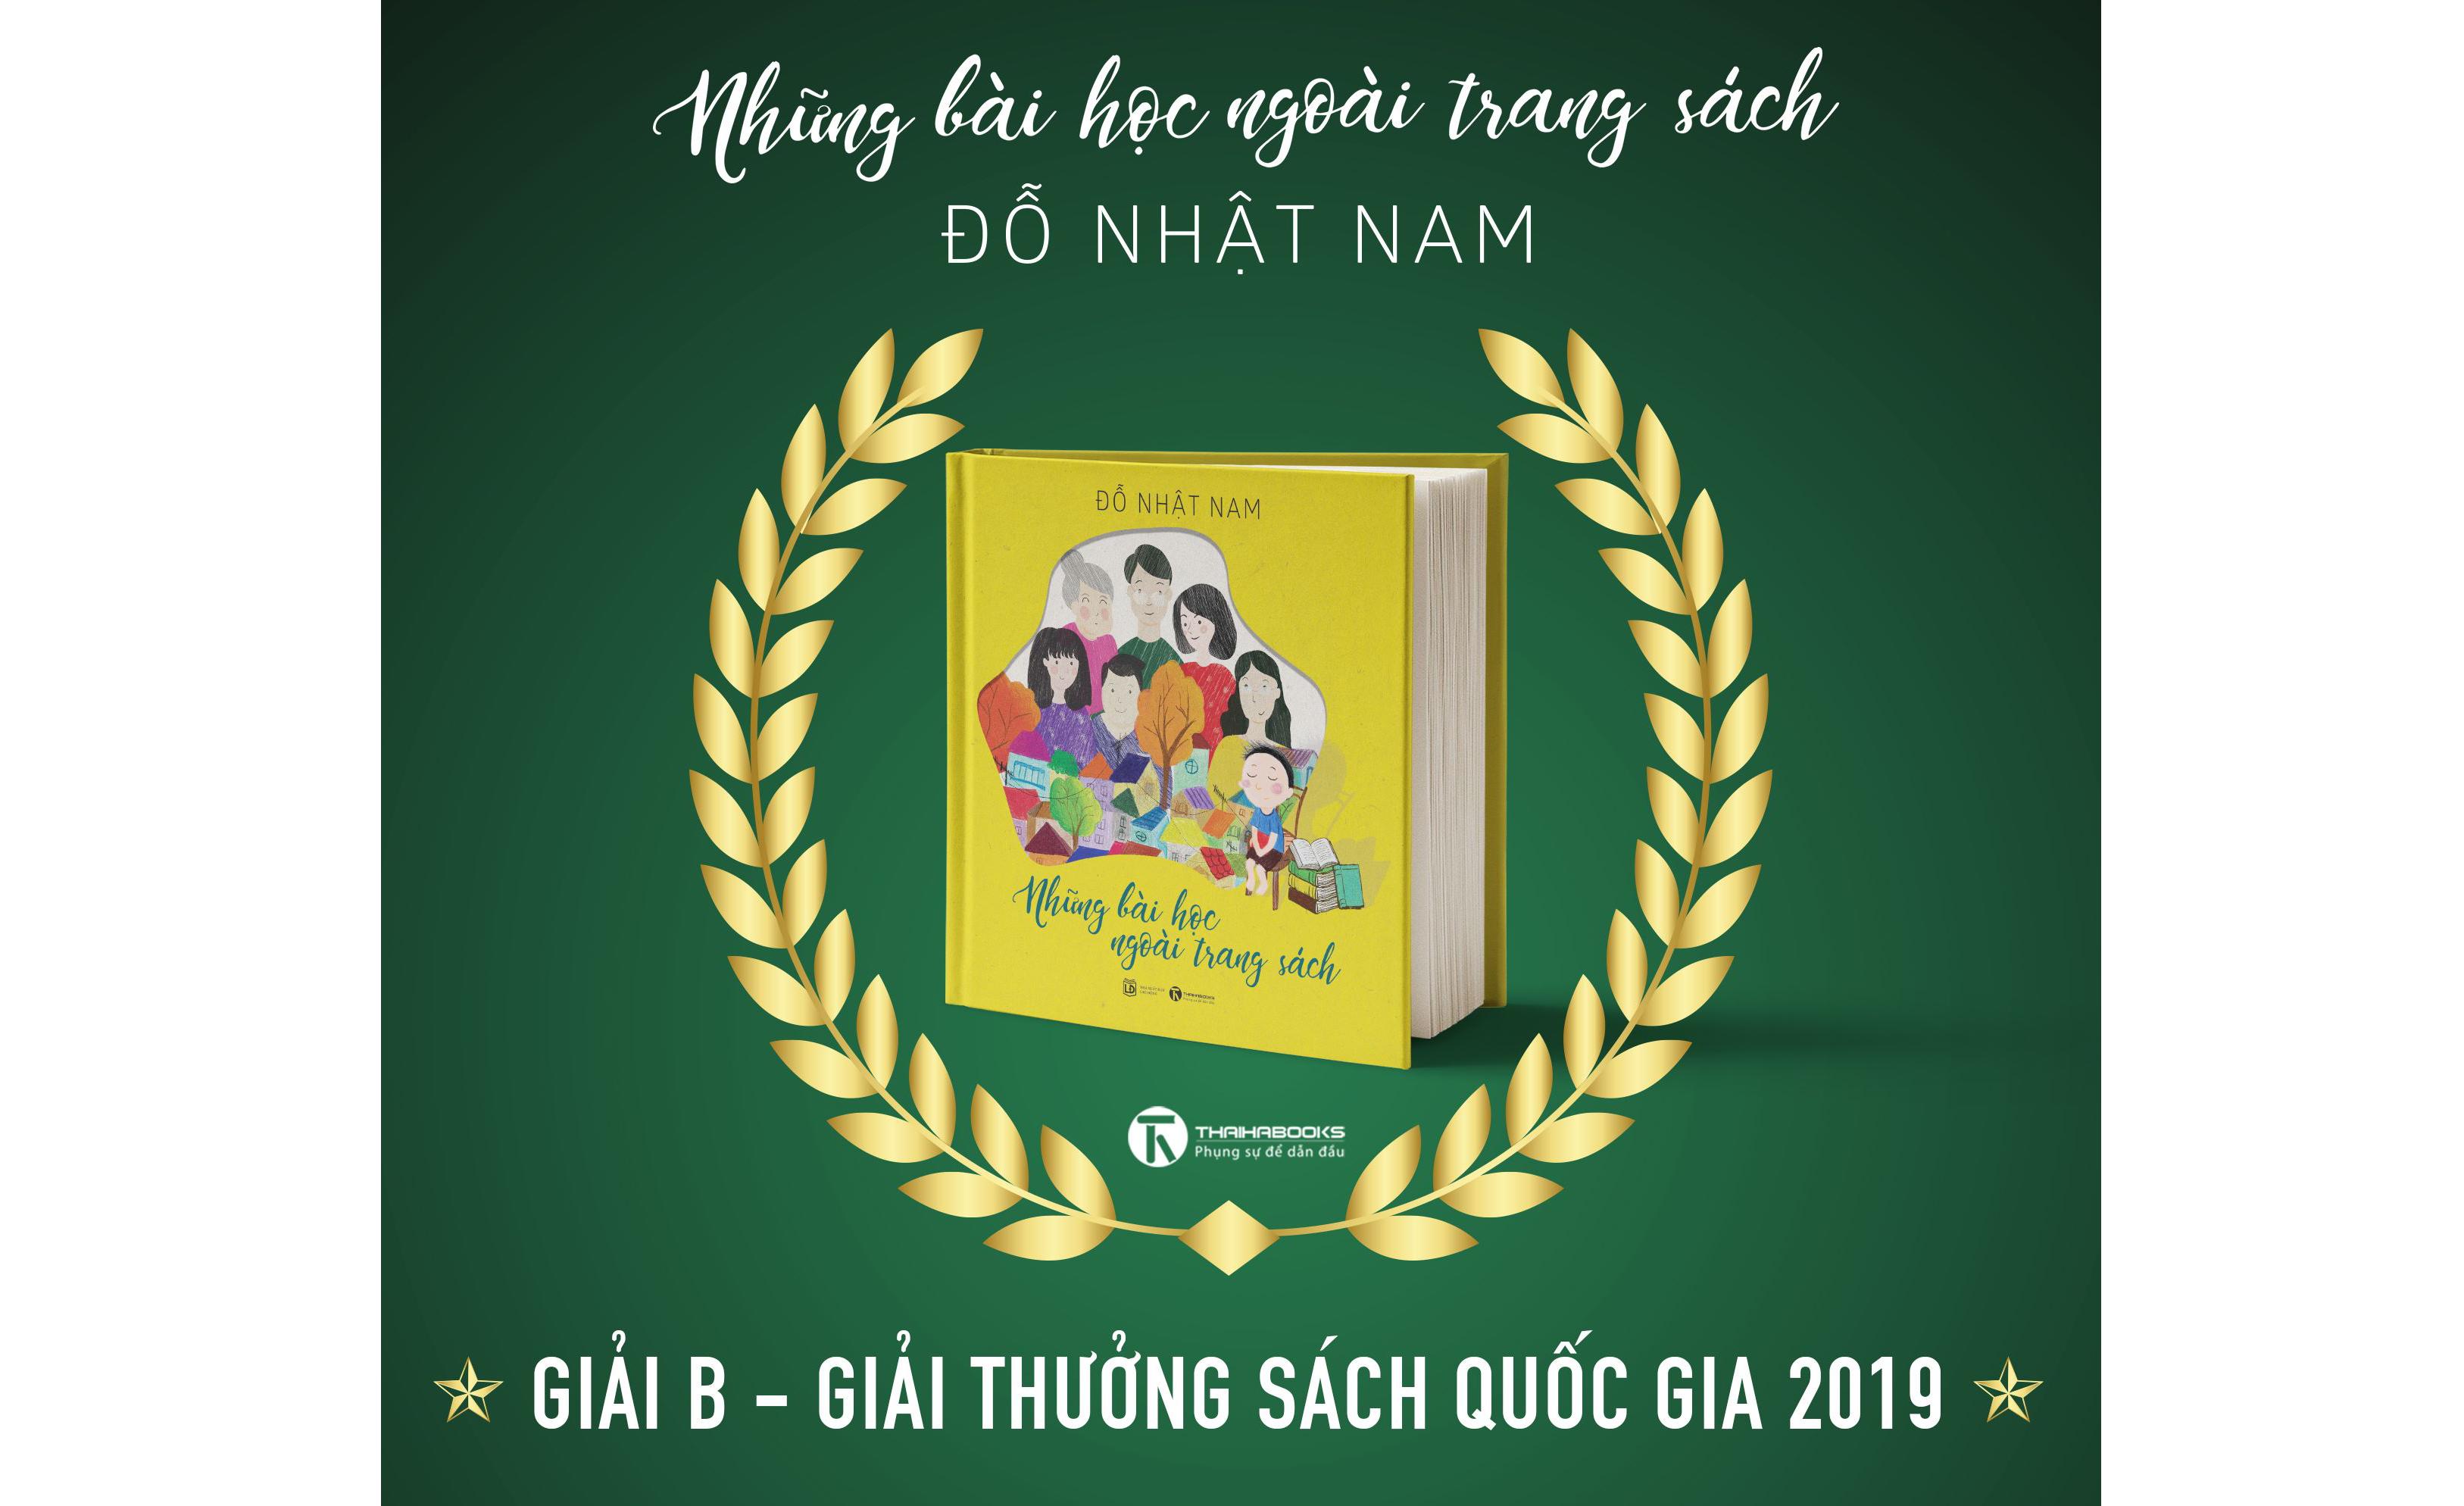 """""""Những bài học ngoài trang sách"""" do Thái Hà Books xuất bản đạt Giải B tại Lễ trao giải thưởng Sách Quốc gia 2019 – Ai nói những đứa trẻ không đủ trải nghiệm để viết sách?"""